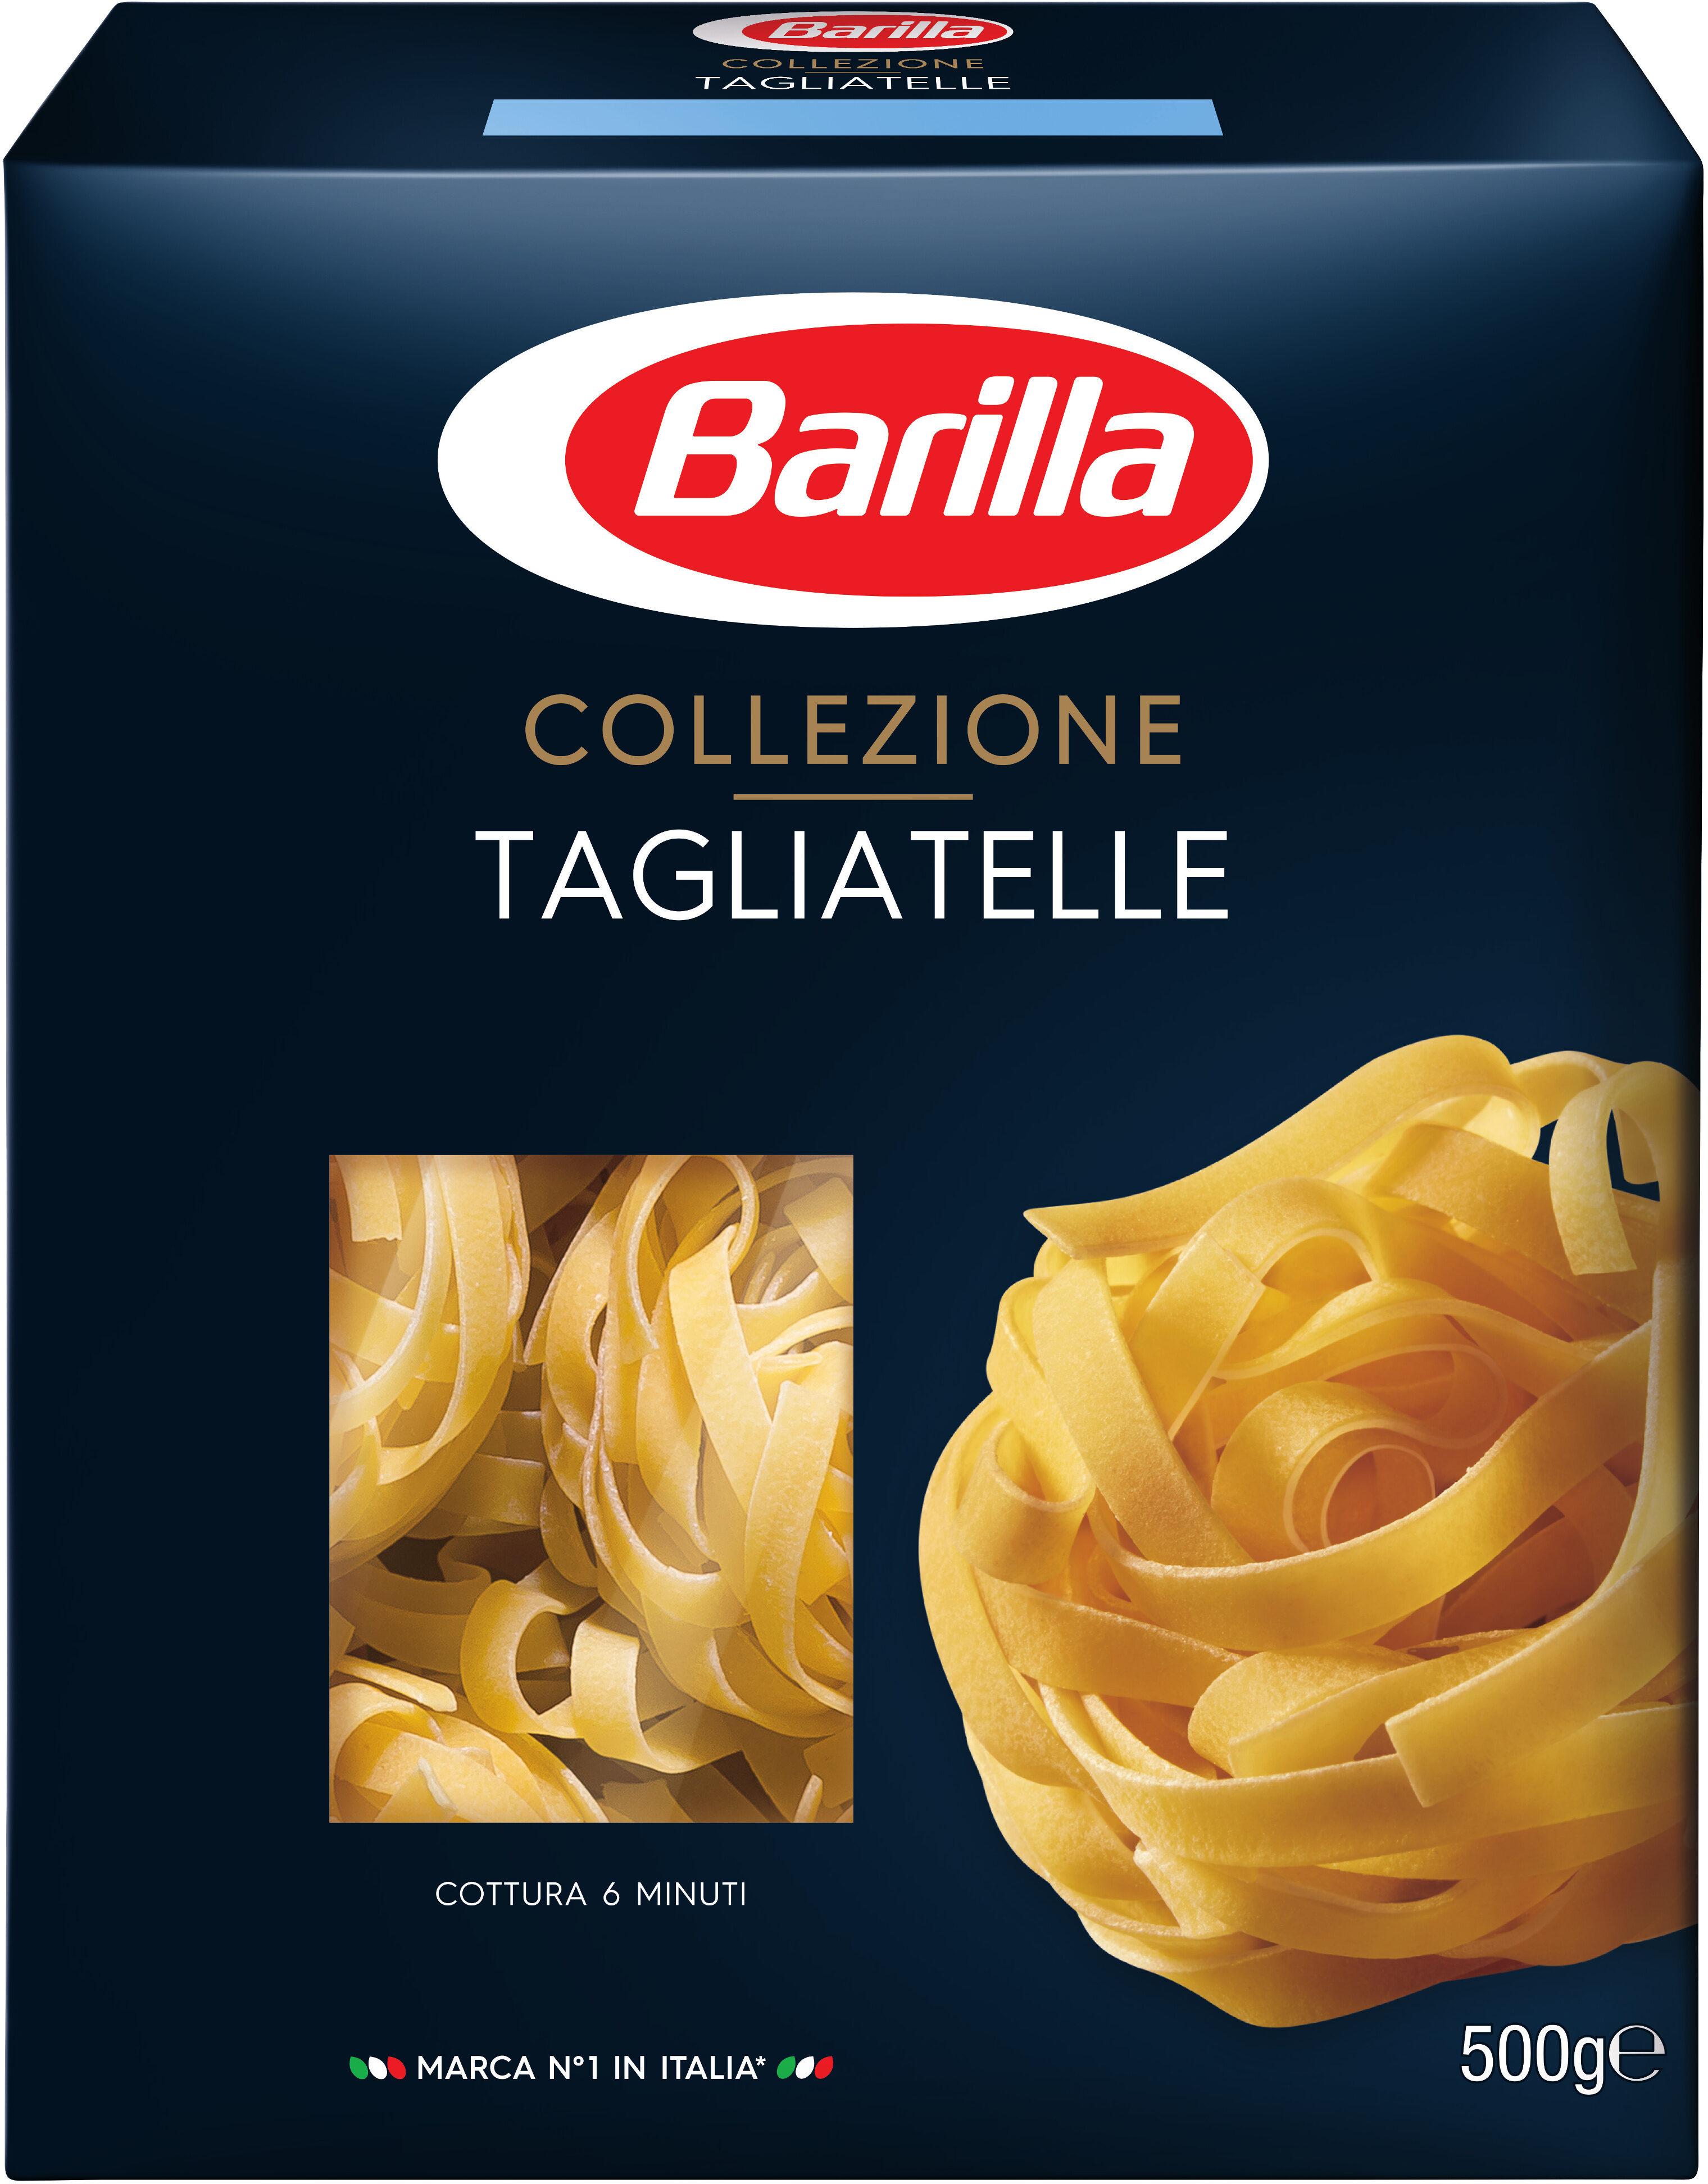 Barilla pates collezione tagliatelles - Produkt - fr